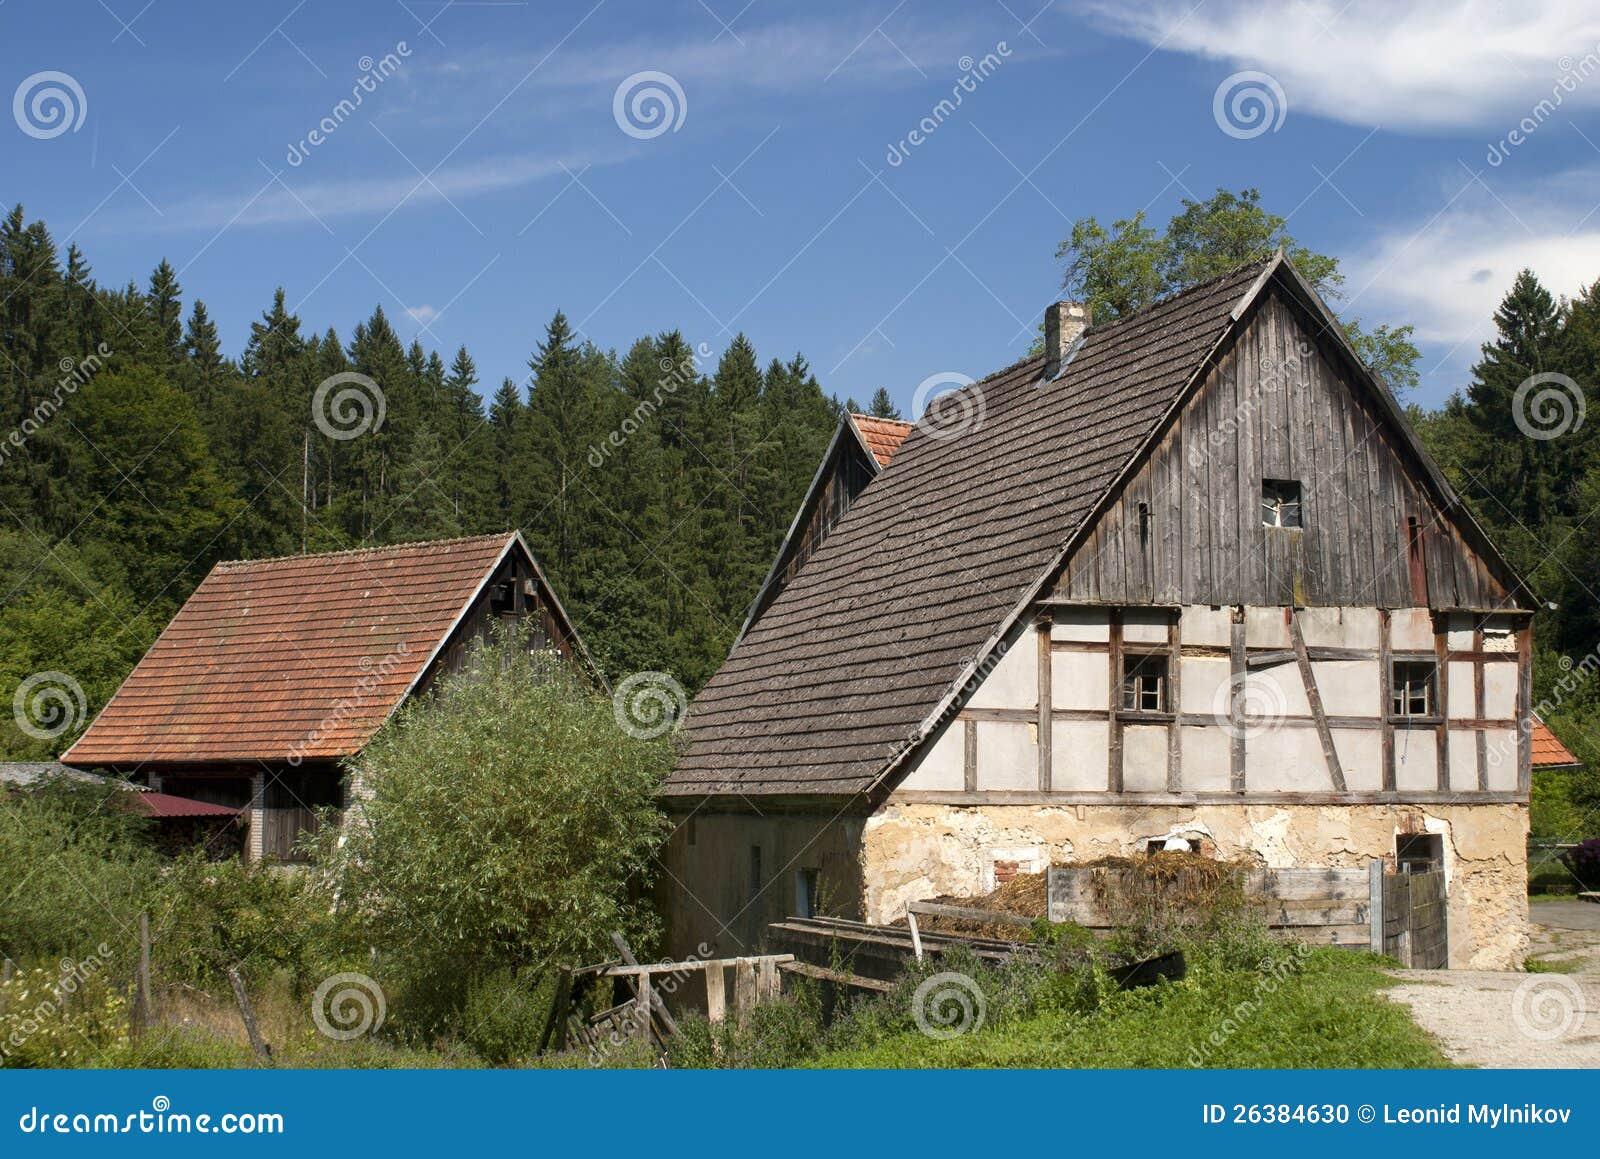 Lokalisierter Bauernhof im Wald